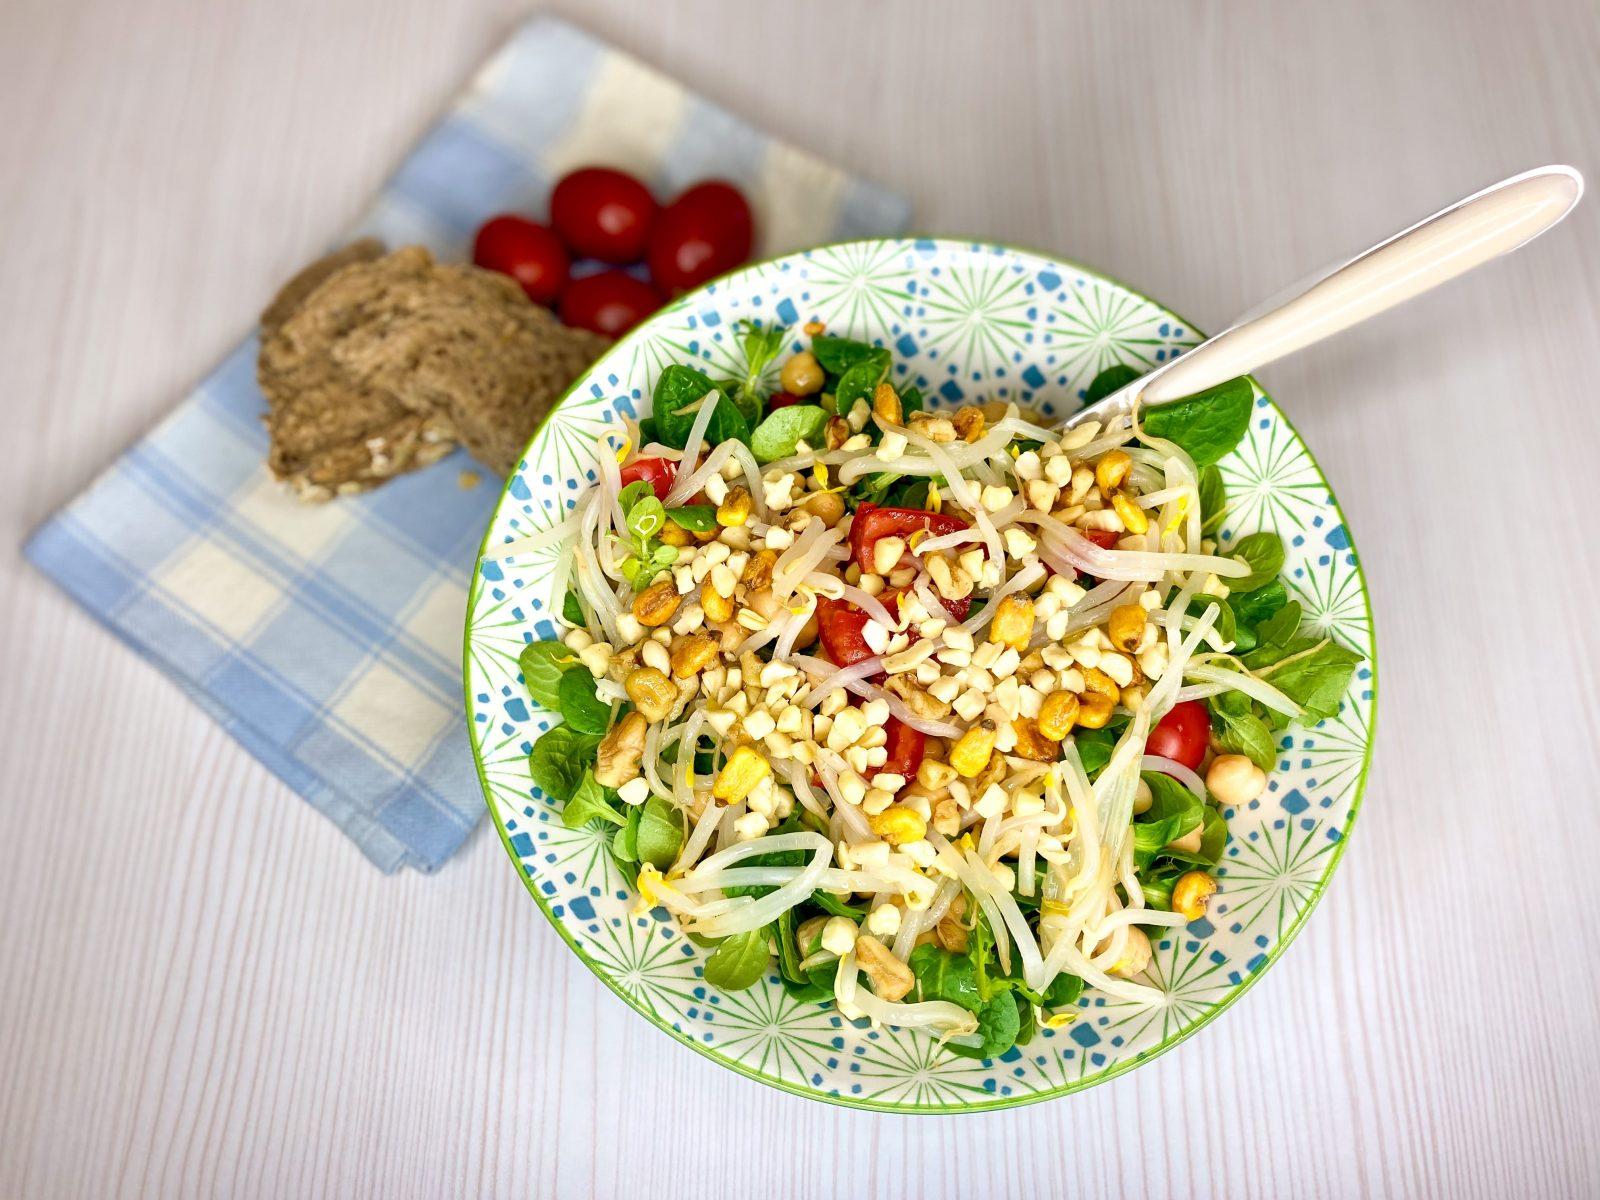 insalata di ceci con songino e pomodorini